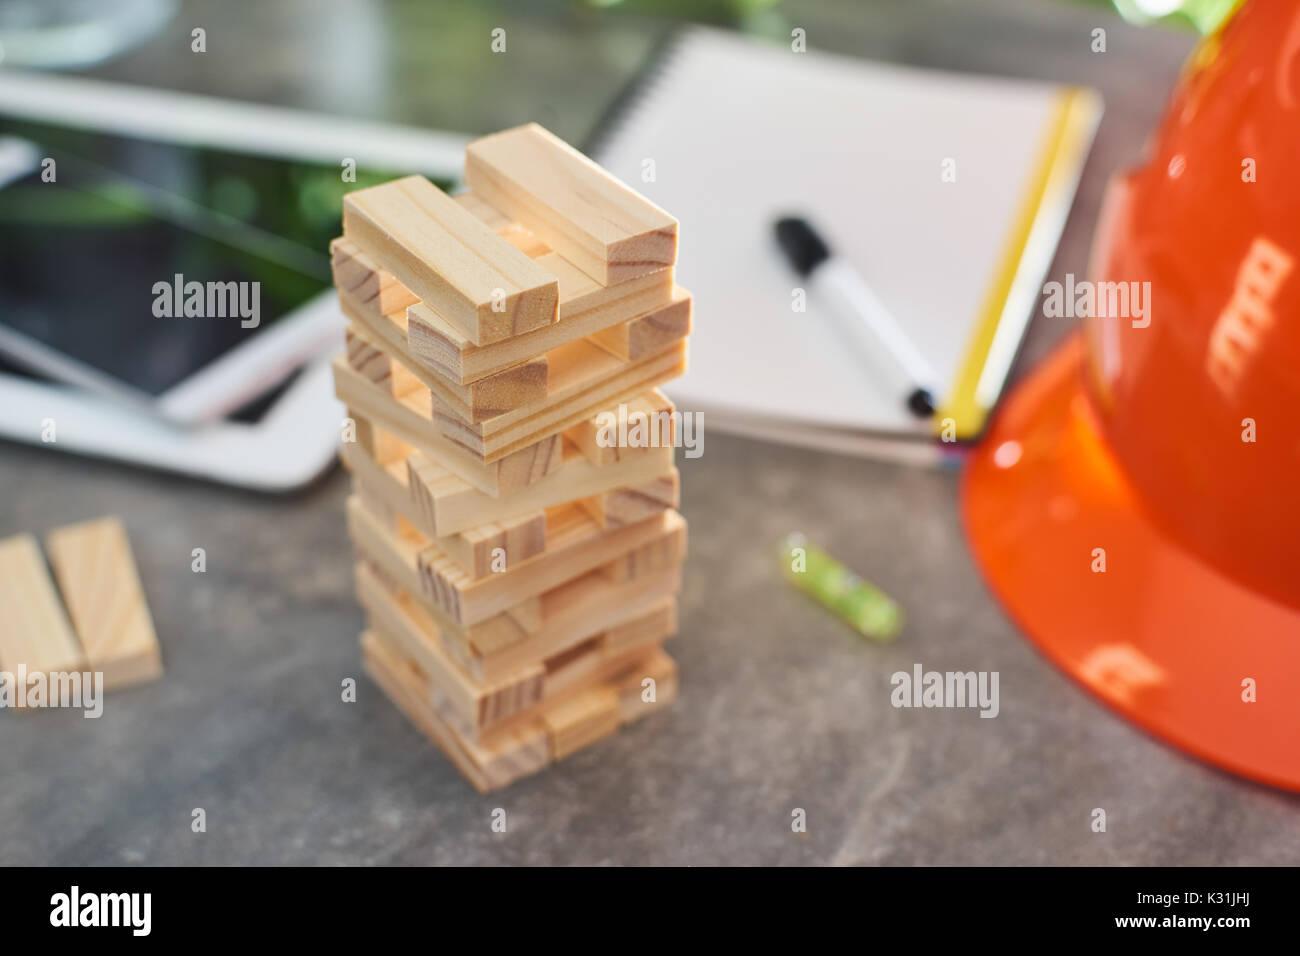 Torre de bloques de construcción de madera marrón con fondo desenfocado .seleccionado centrado . Imagen De Stock